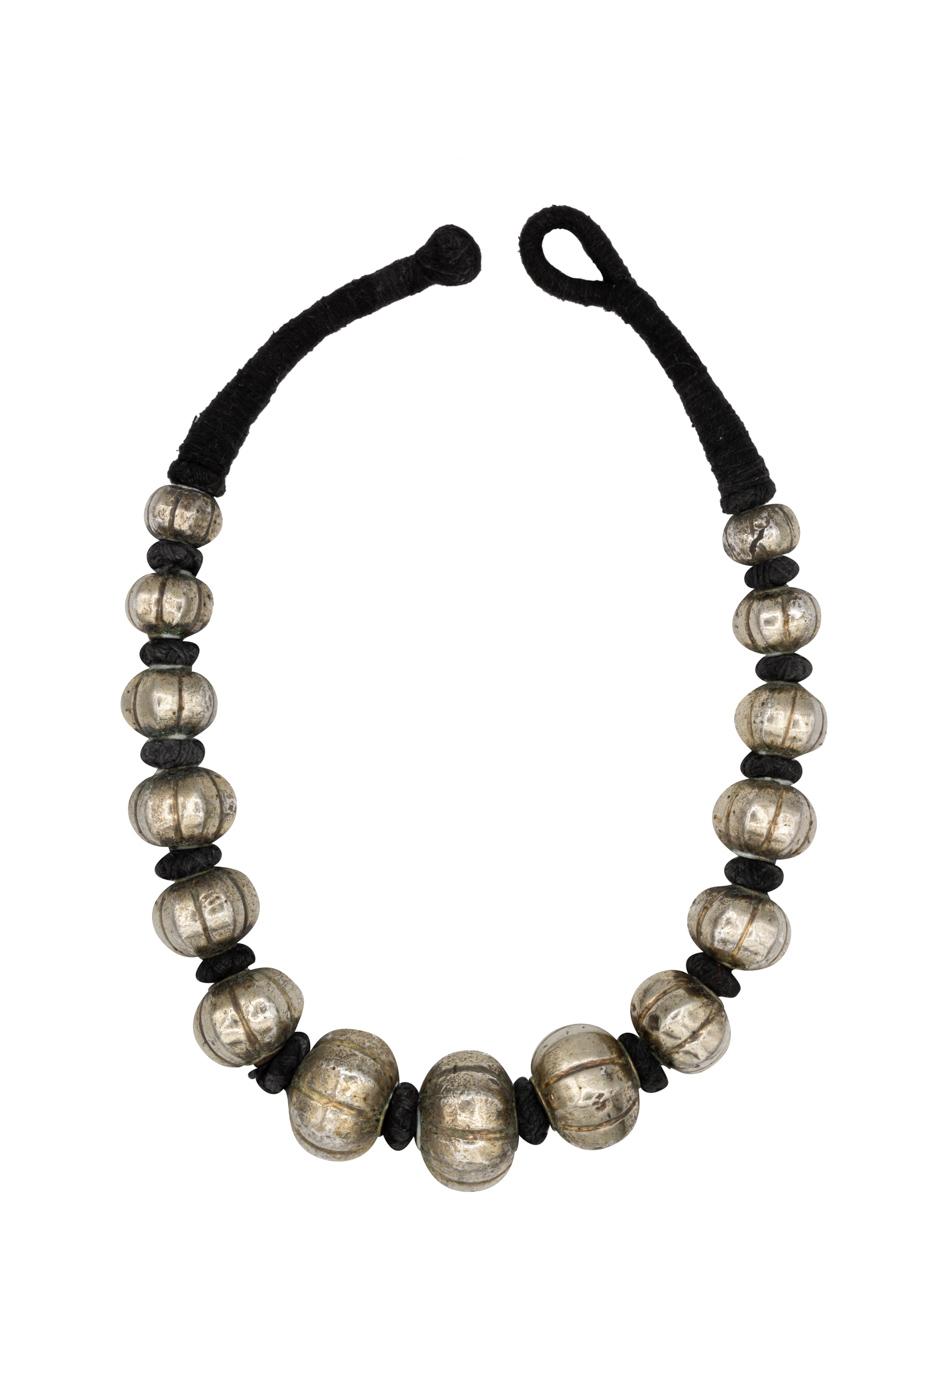 Collar de plata antigua tradicional India